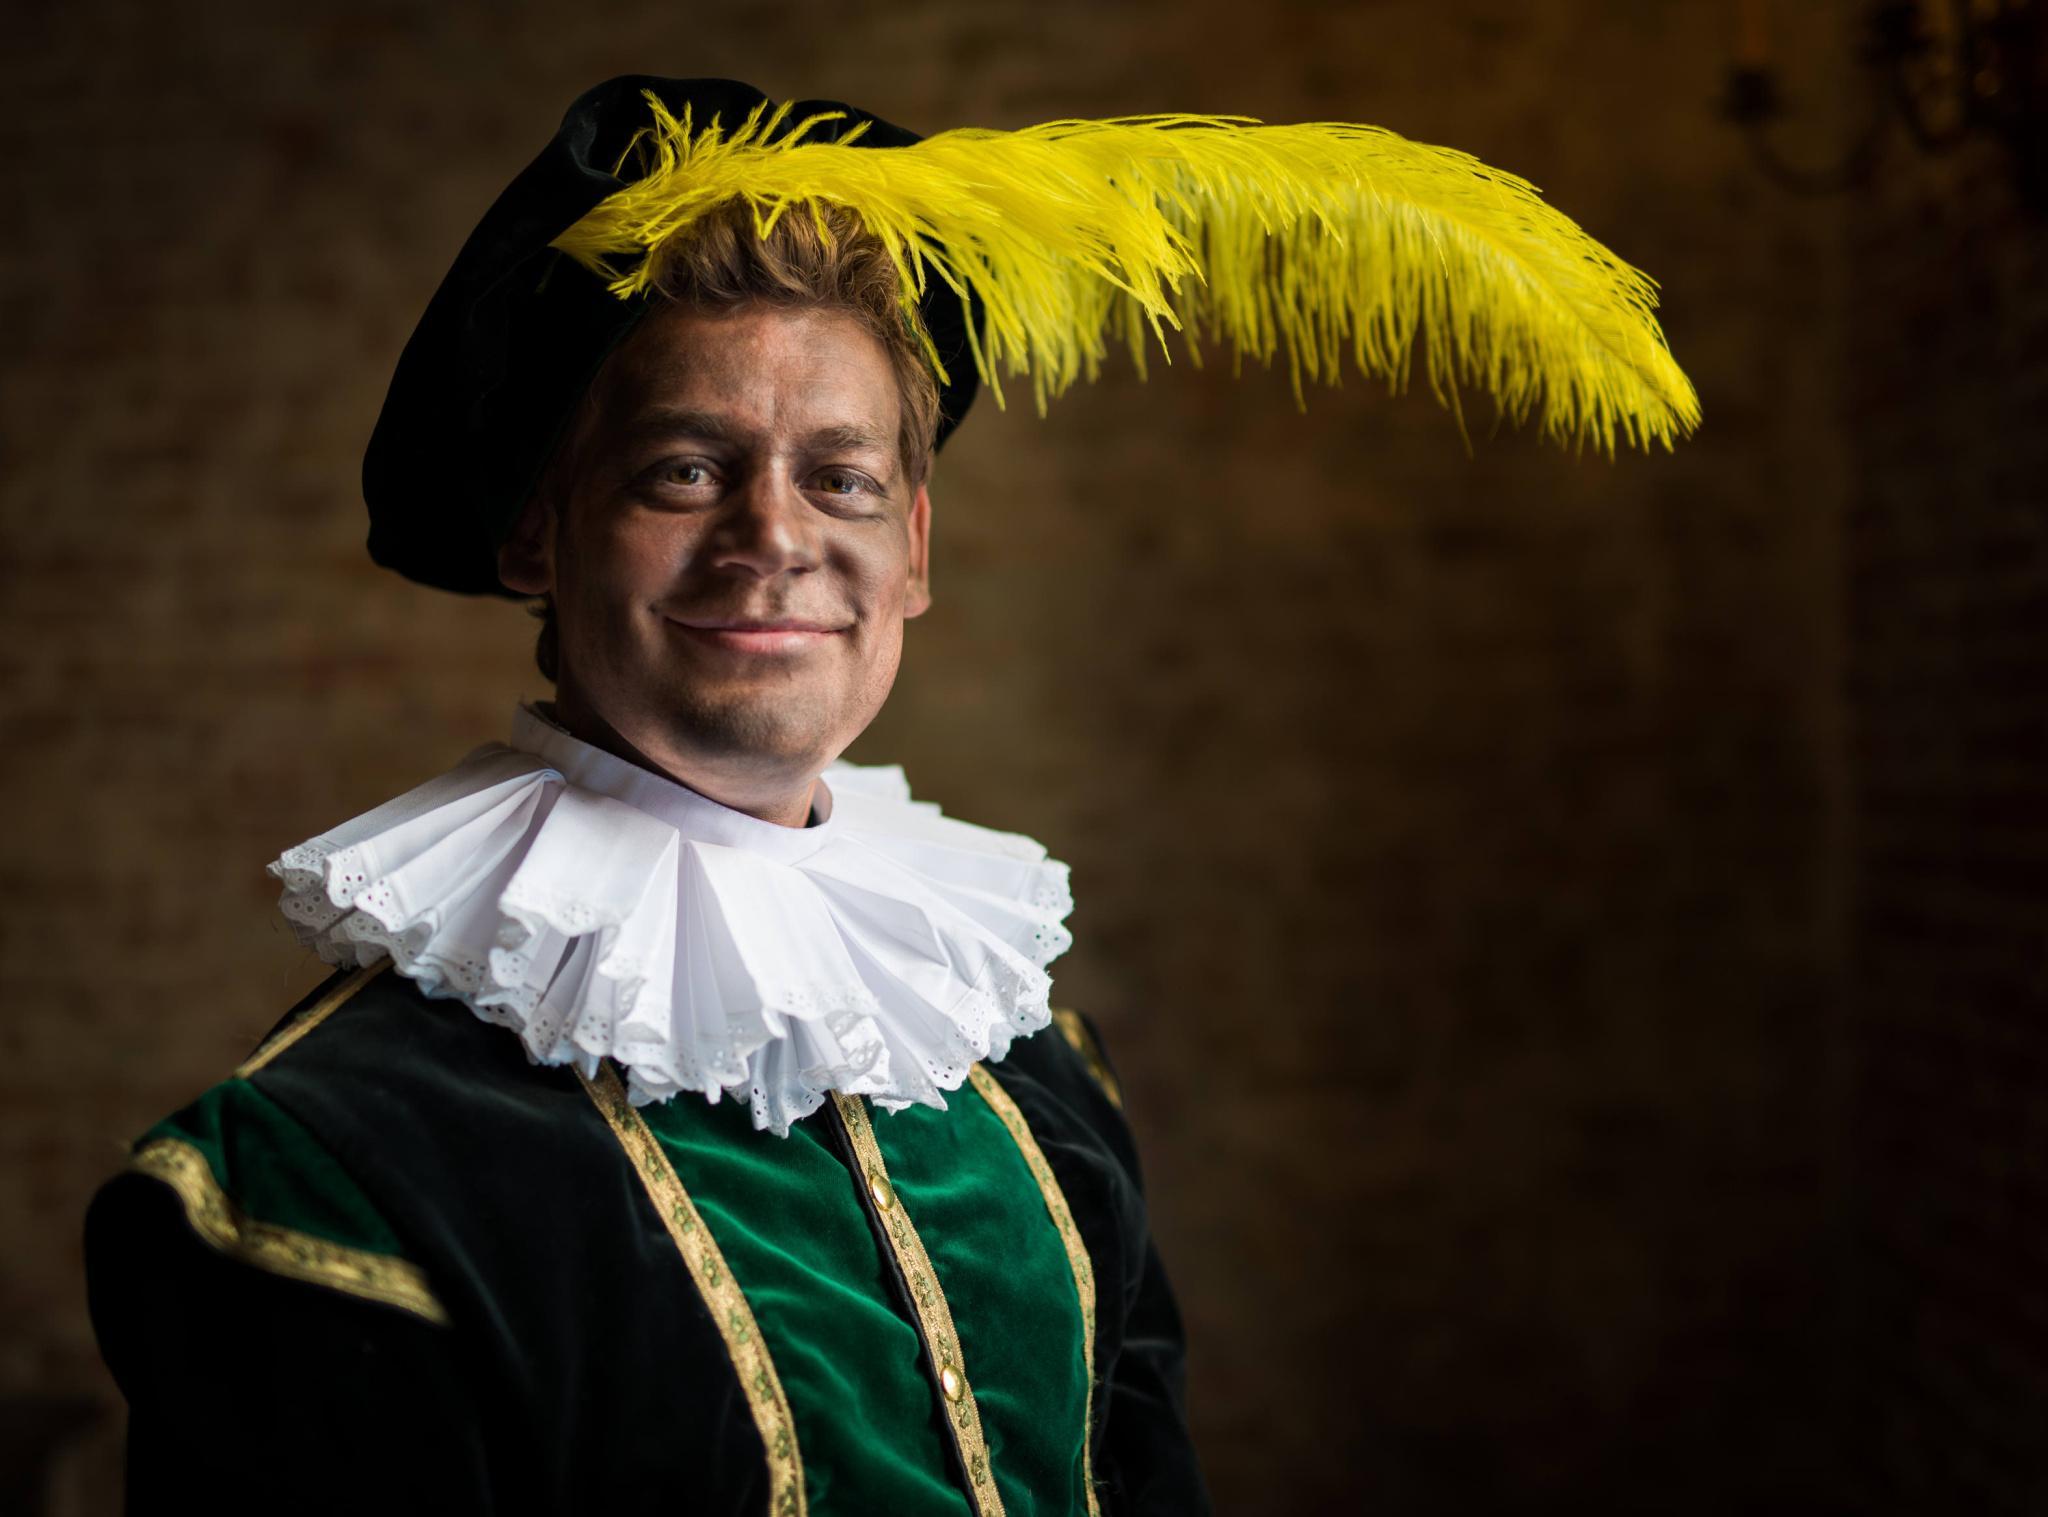 Eerst maar eens praten over het uiterlijk van Piet, zegt PvdA Den Helder, en dán pas over wel of geen subsidie voor de intocht